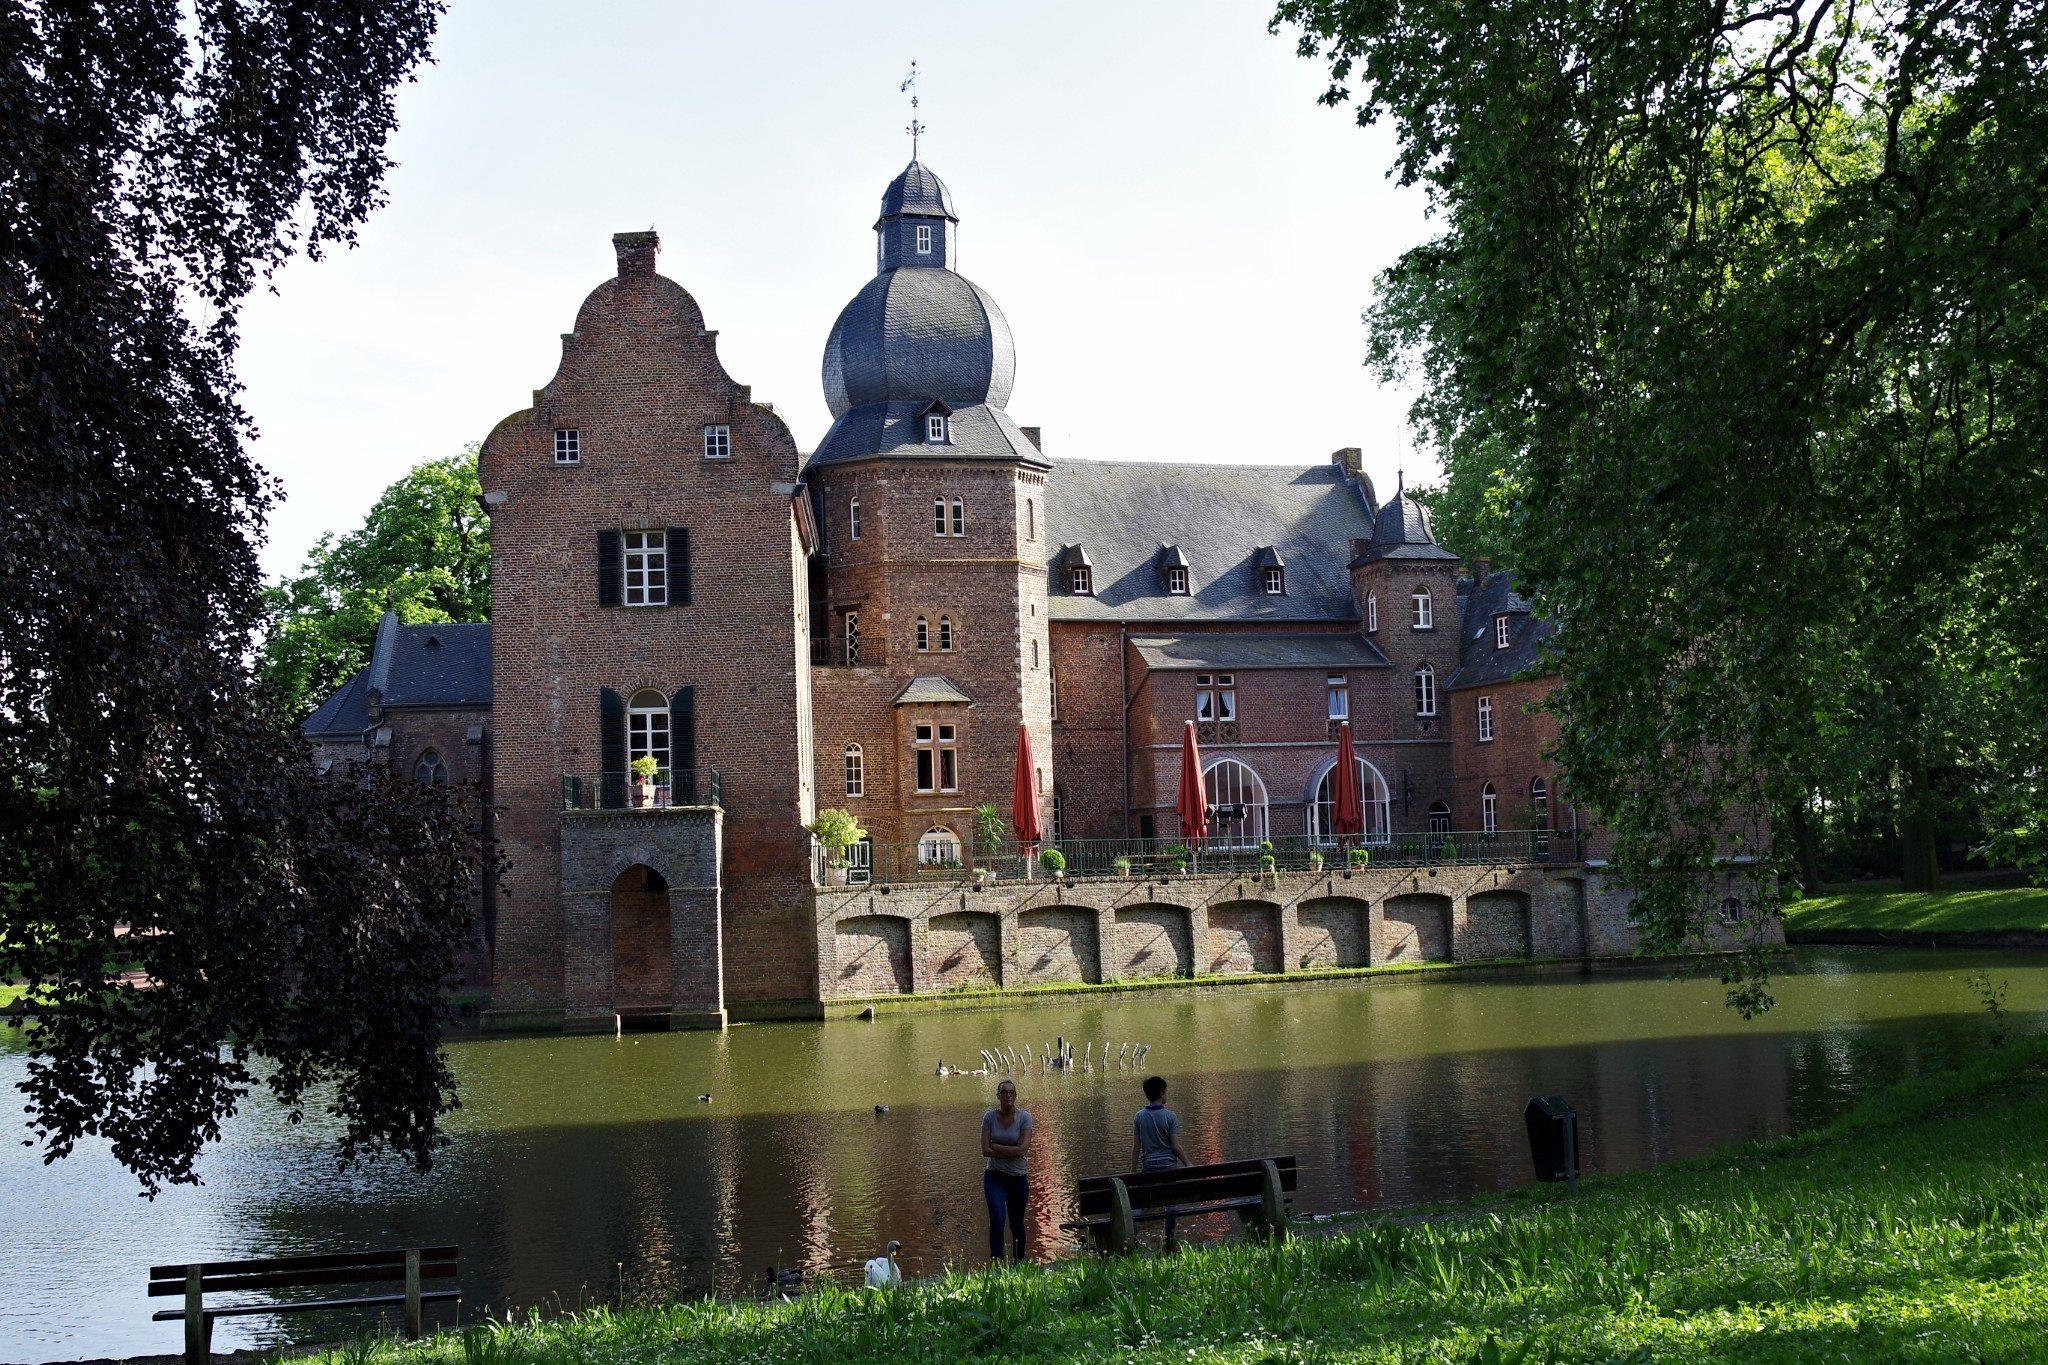 Benelux-Länder, 08.06.2016